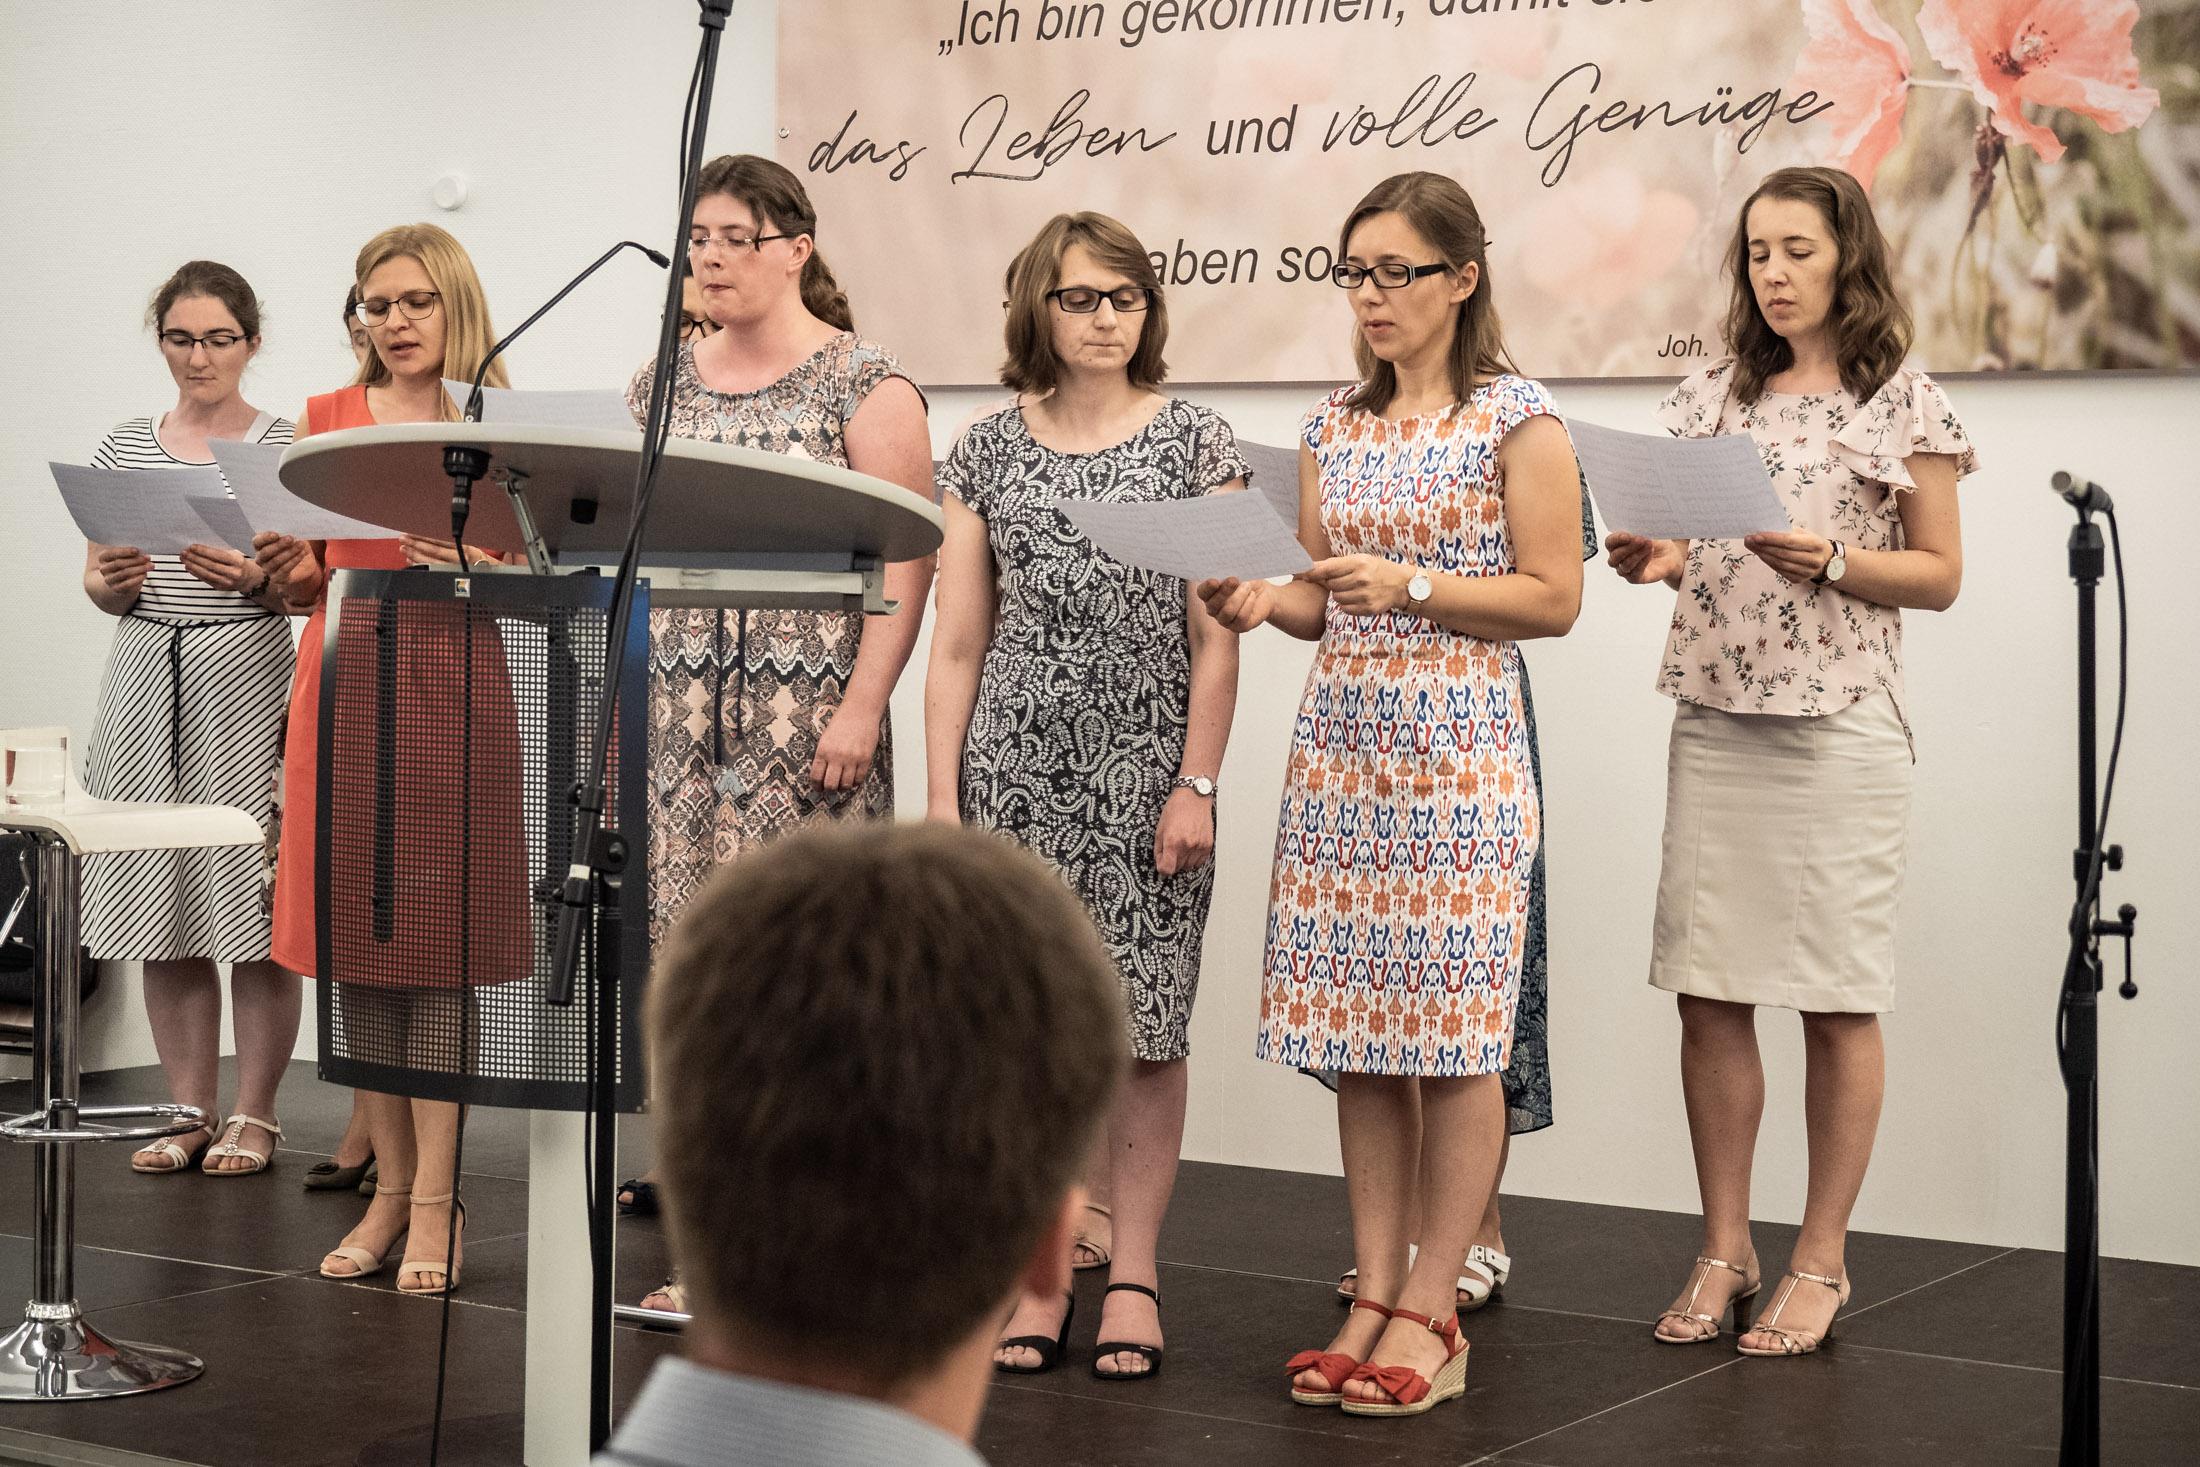 Frauenchorlied Von Schwestern Aus Eppingen